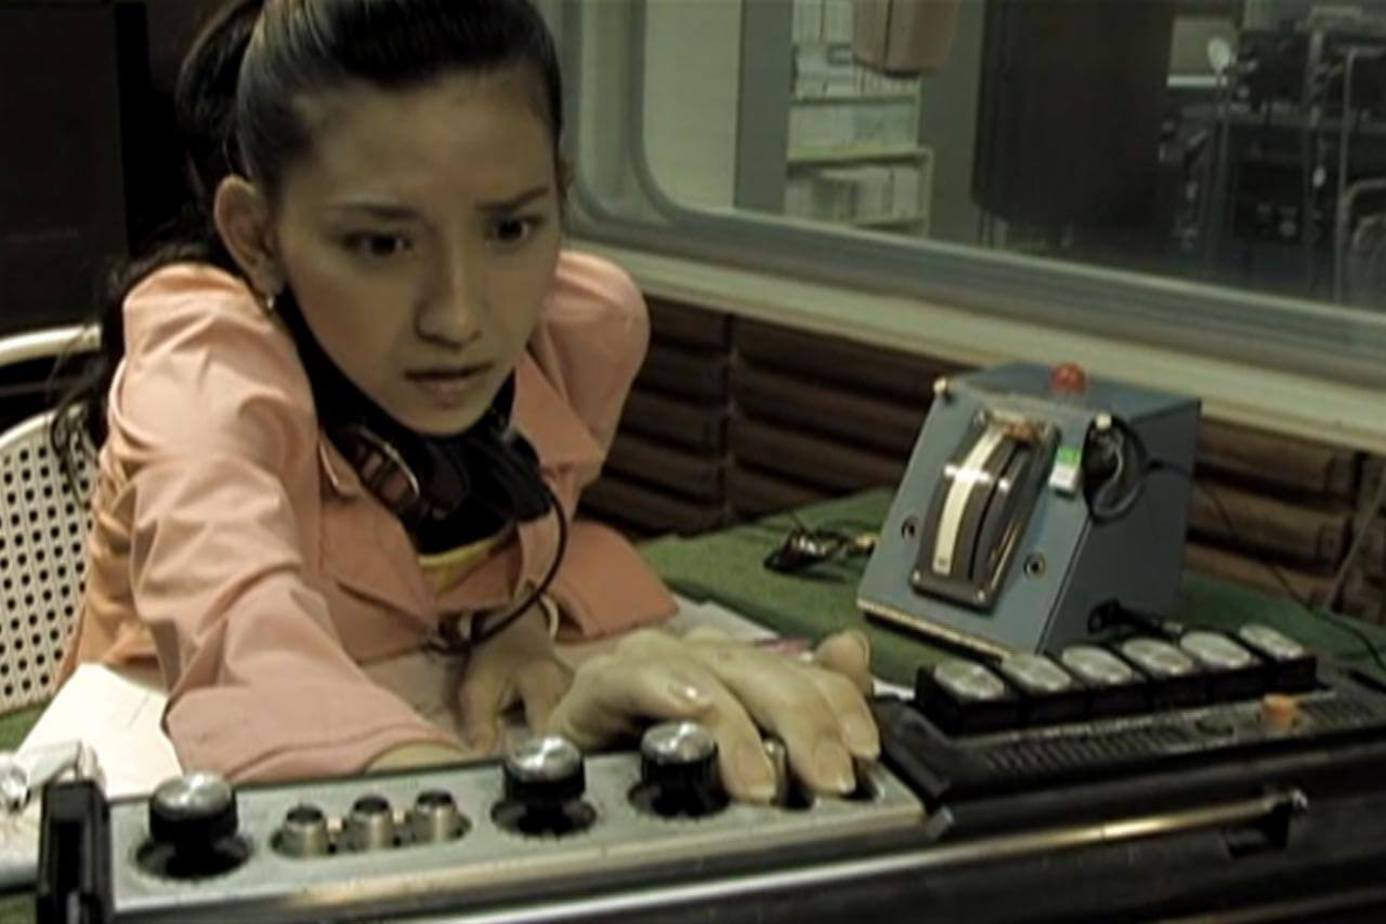 沖繩恐怖夜話:放送禁止